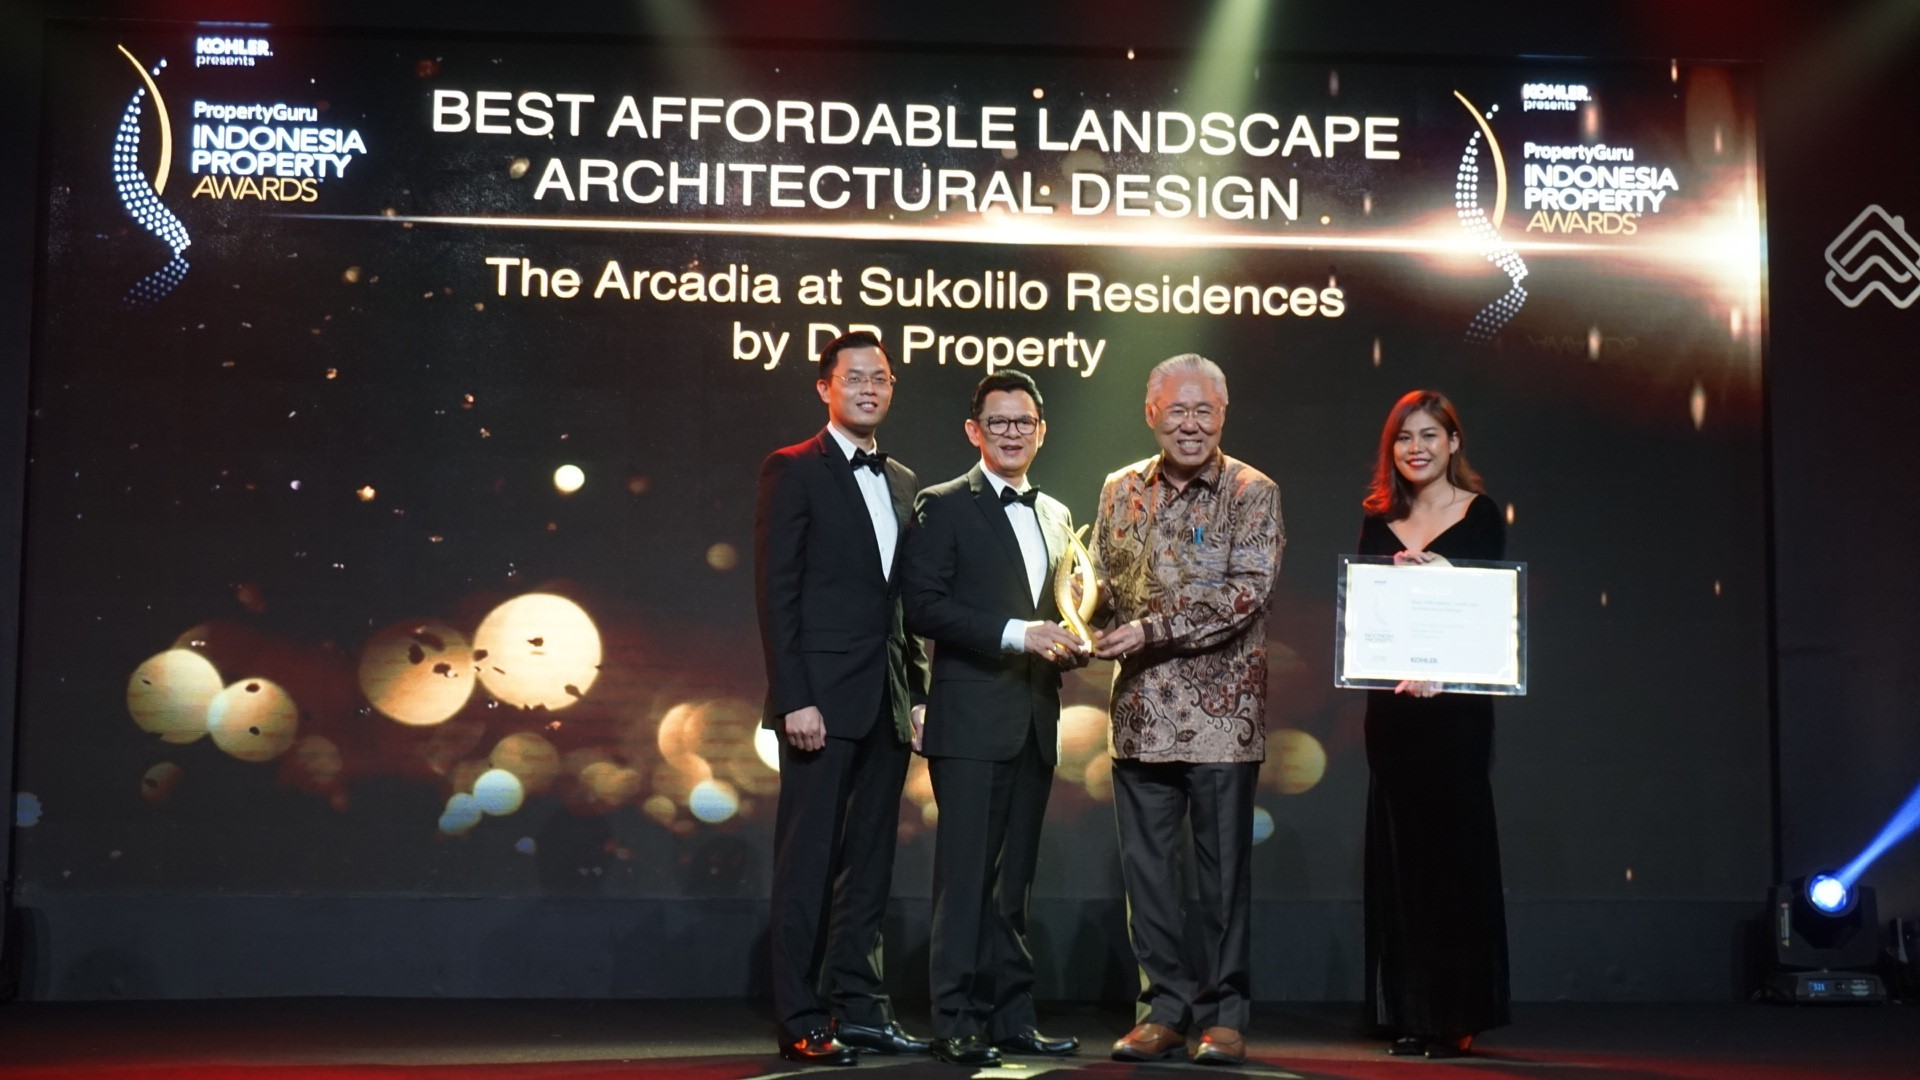 Https Rumahcom Berita Properti 2018 11 176671 Rumah Rp400 Hillary Sofa Minimalis Unik Hotel Modern L Bed Bantal Custom Indonesia Property Awards 2018original